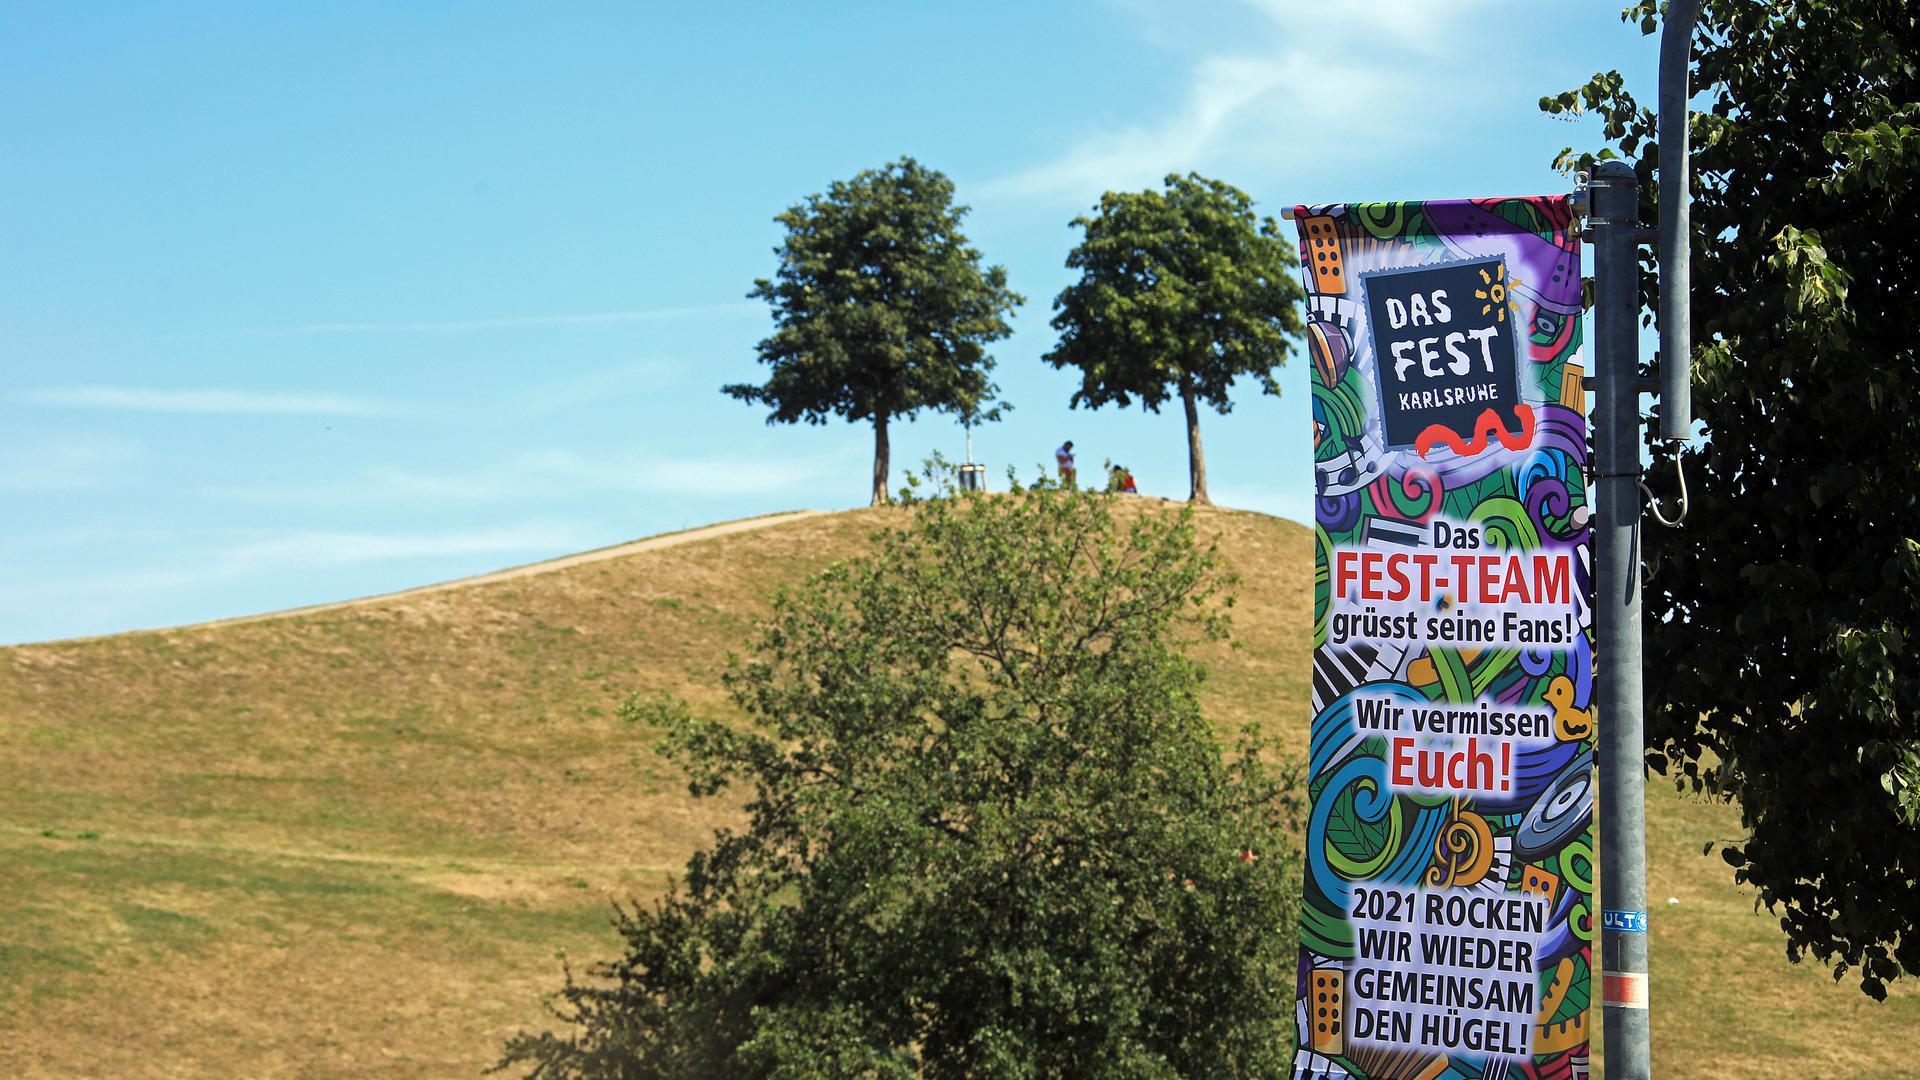 """Keine Party am Hügel: Wegen Corona kann dieses Wochenende in der Karlsruher Günther-Klotz-Anlage """"Das Fest"""" nicht stattfinden. Die Organisatoren grüßen in der Anlage ihre Fans."""